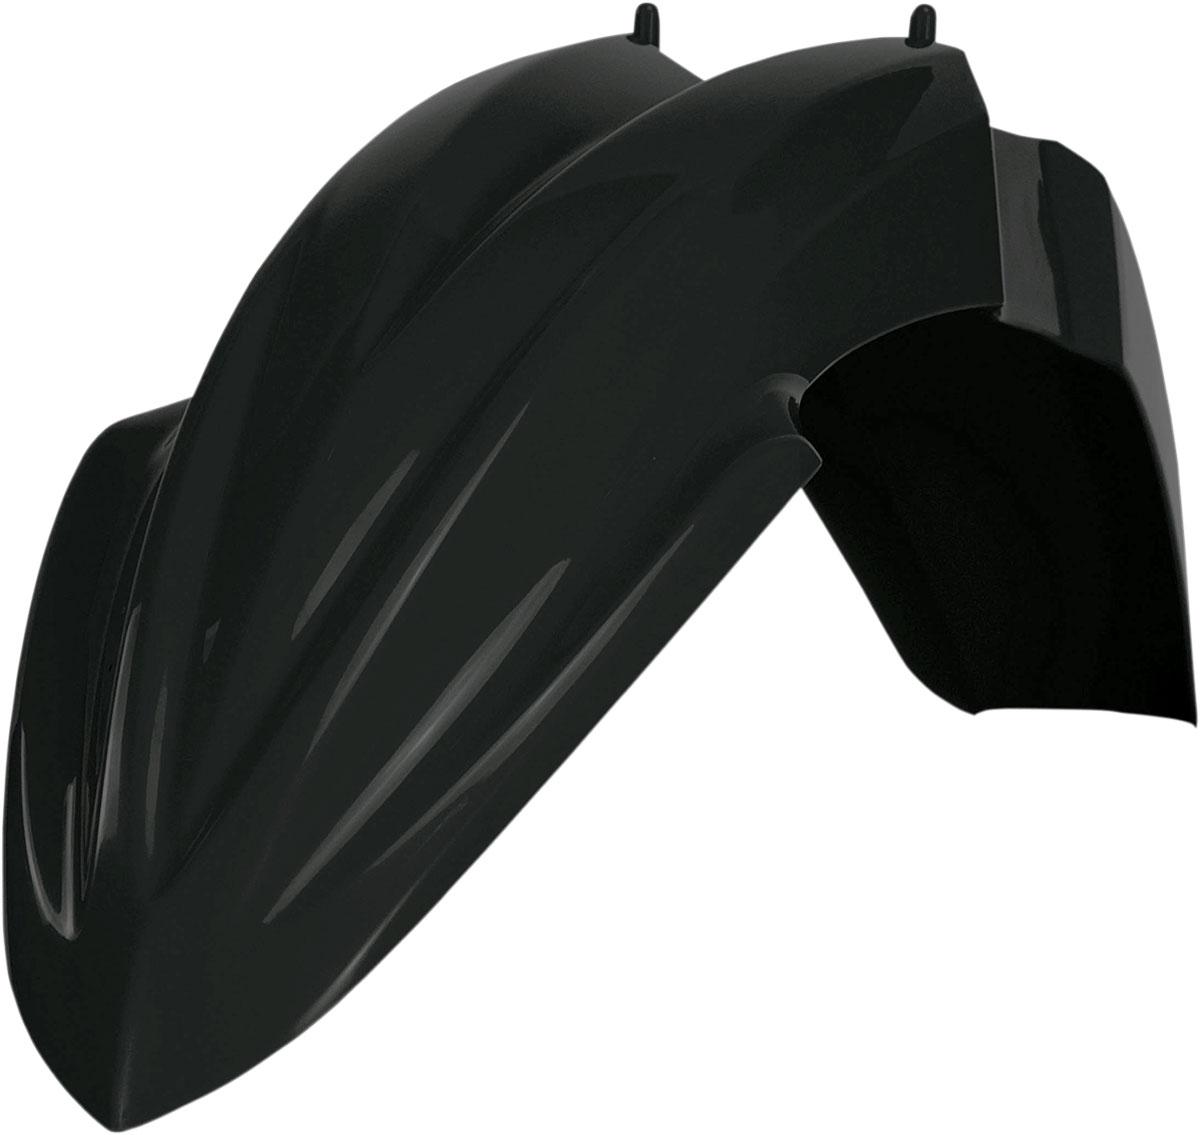 ACERBIS Front Fender (Black)